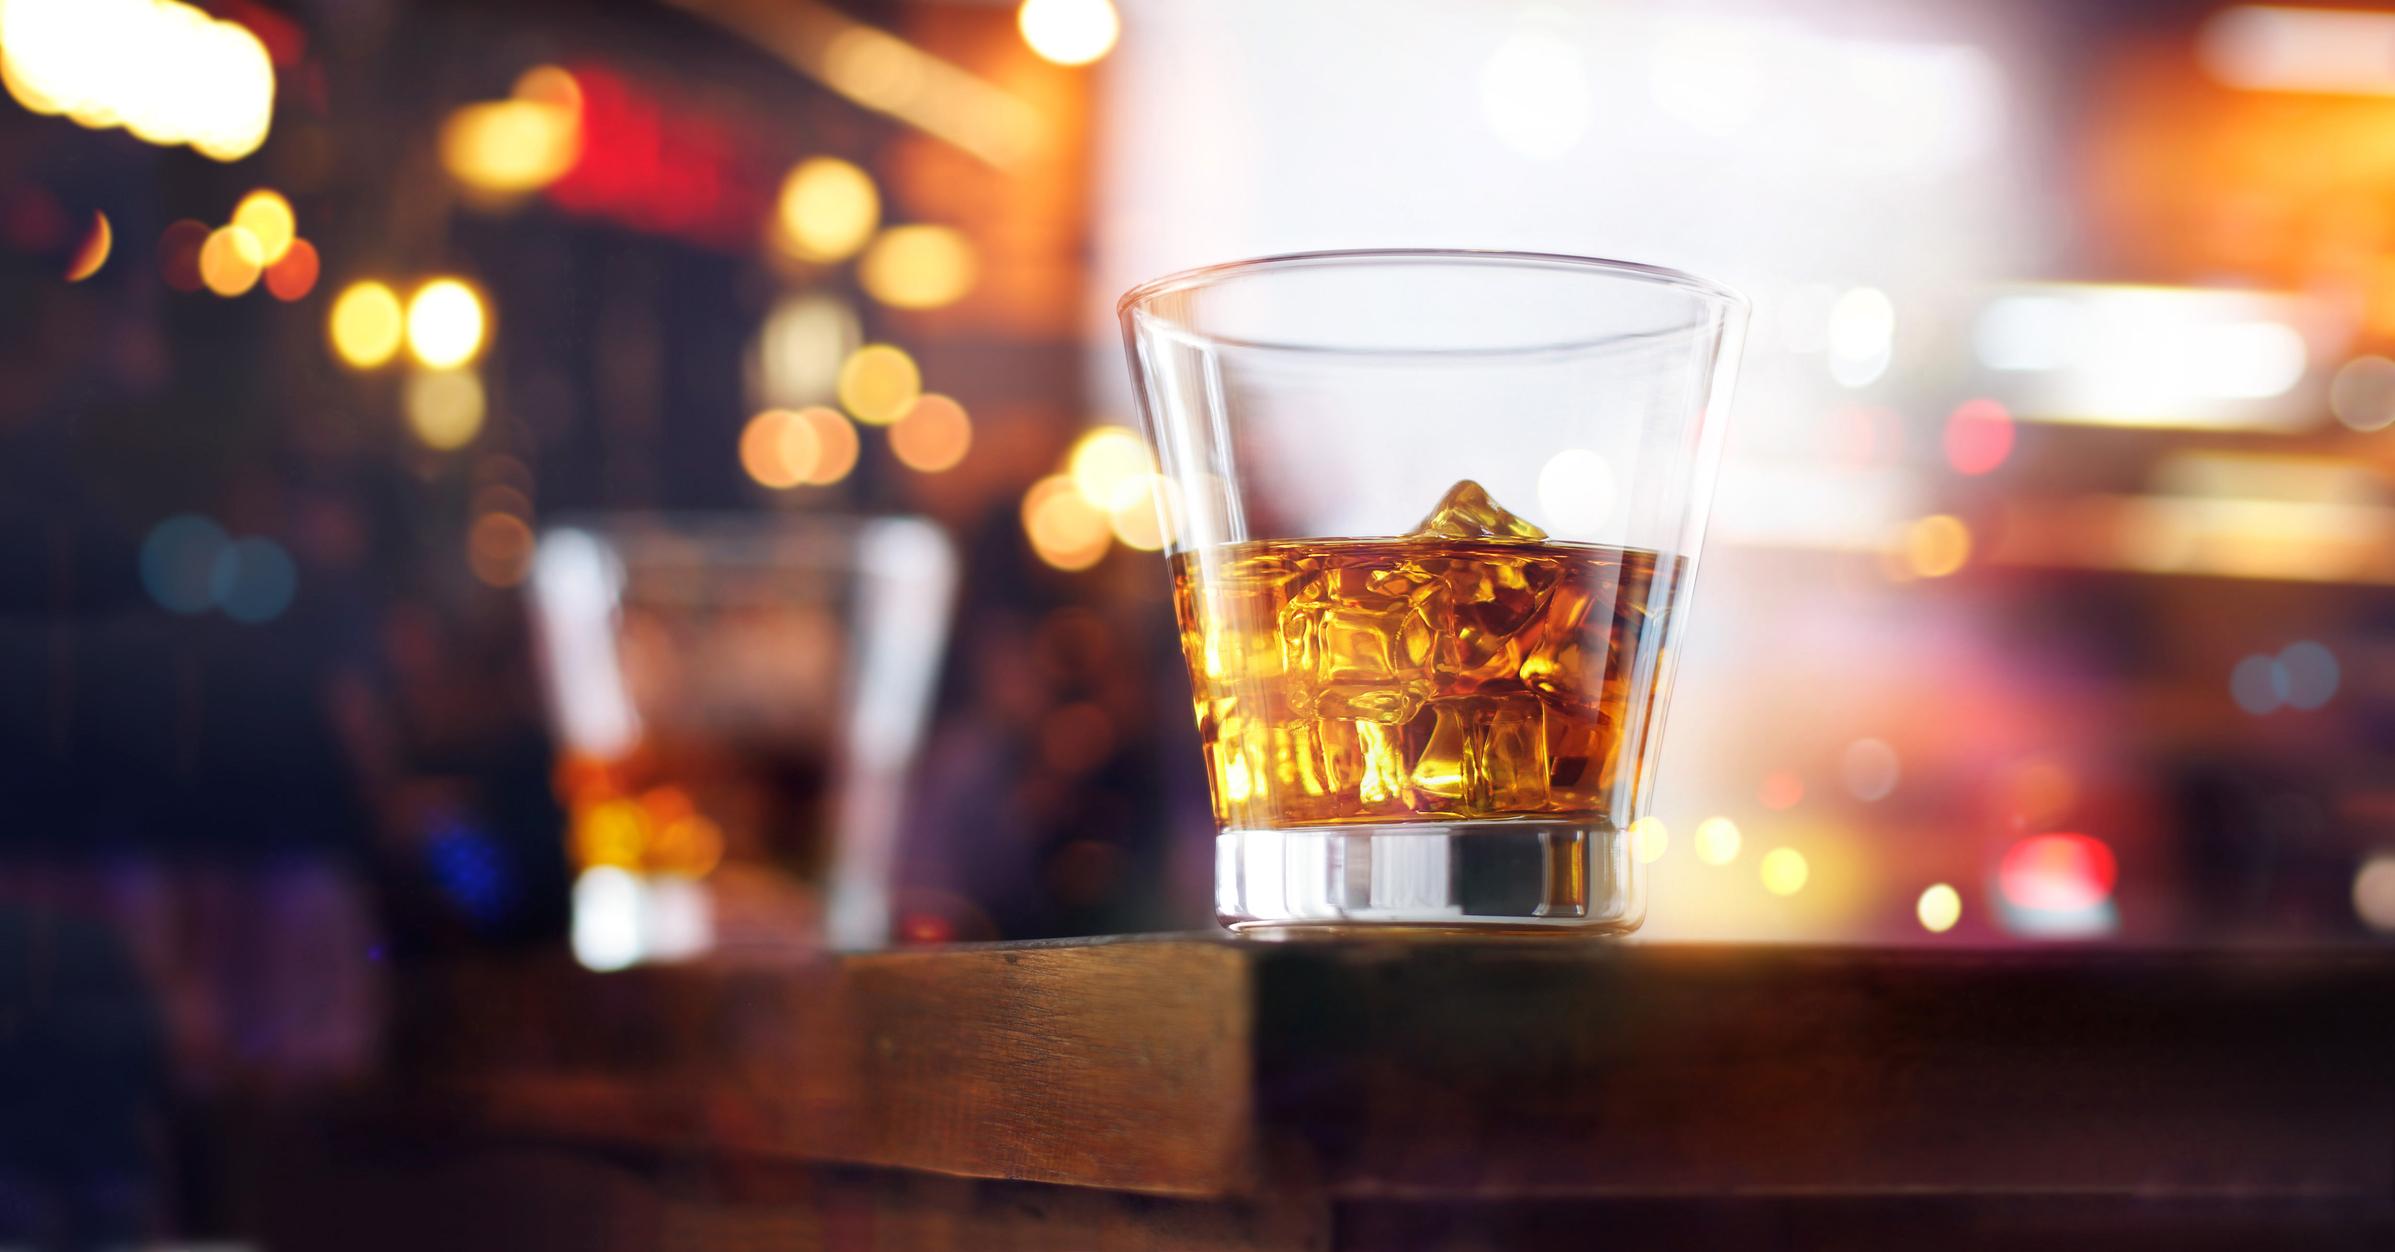 Алкохолни напитки - Пиенето на твърде много алкохол е лошо за вашата кожа и тяло. Алкохолът води до бързо стареене, така се появяват преждевременни бръчки, подпухналост, дехидратация, зачервяване и загуба на колаген. Освен това, когато се поглъща твърде много алкохол, се стига до изчерпване на хранителните вещества в тялото, както и до възпаление на черния дроб. Според здравните специалисти алкохолът умерено е здравословен за организма. Пийте умерено, за да избегнете ускоряването на процеса на стареене.